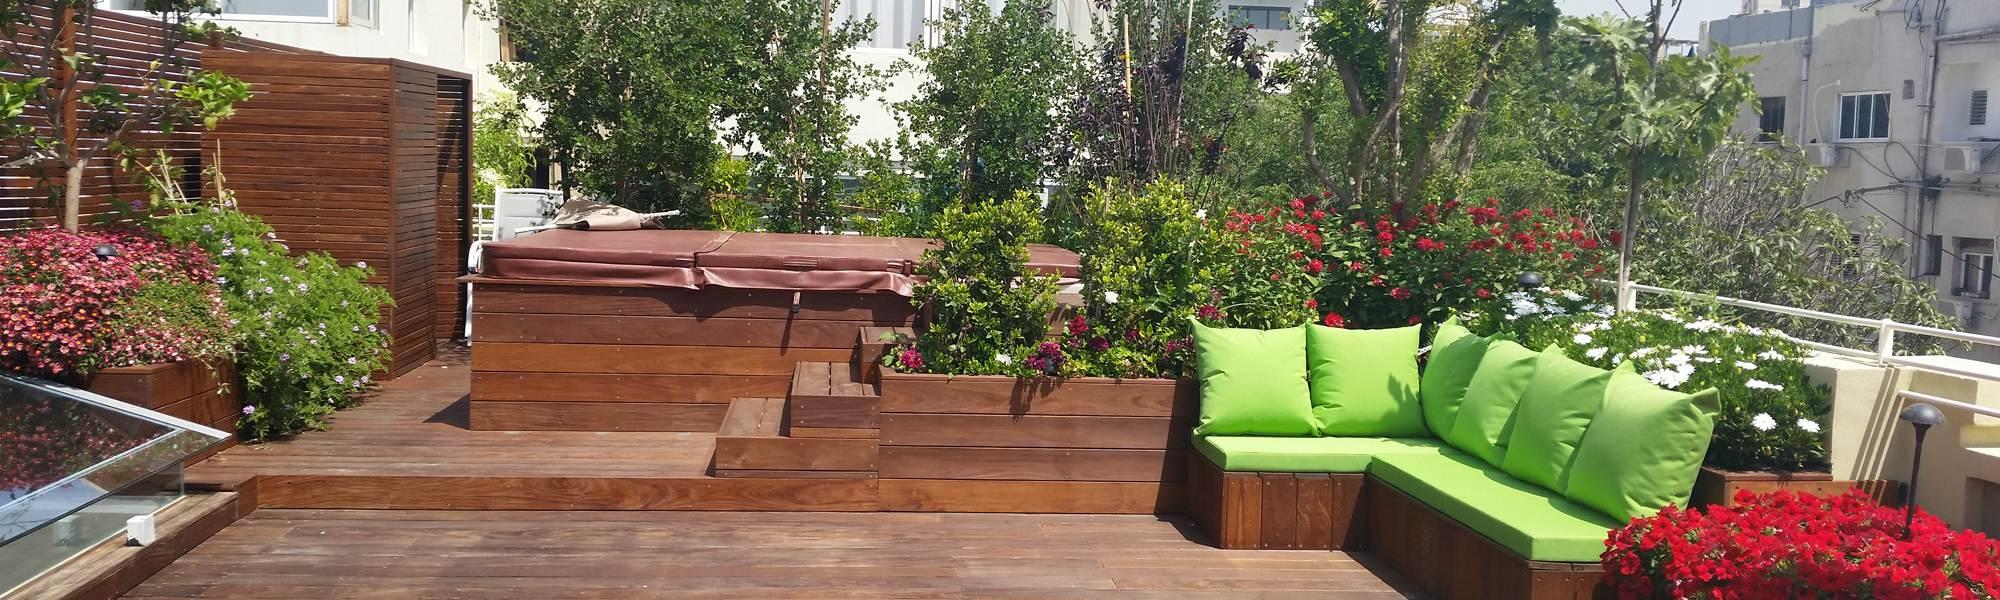 גינת גג מעוצבת עם אדניות עץ ודשא שינטטי